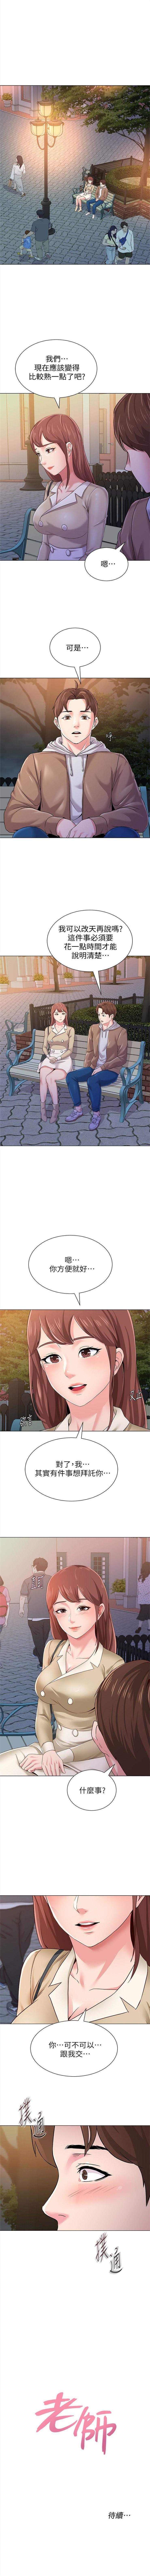 (周3)老师 1-56 中文翻译(更新中) 268